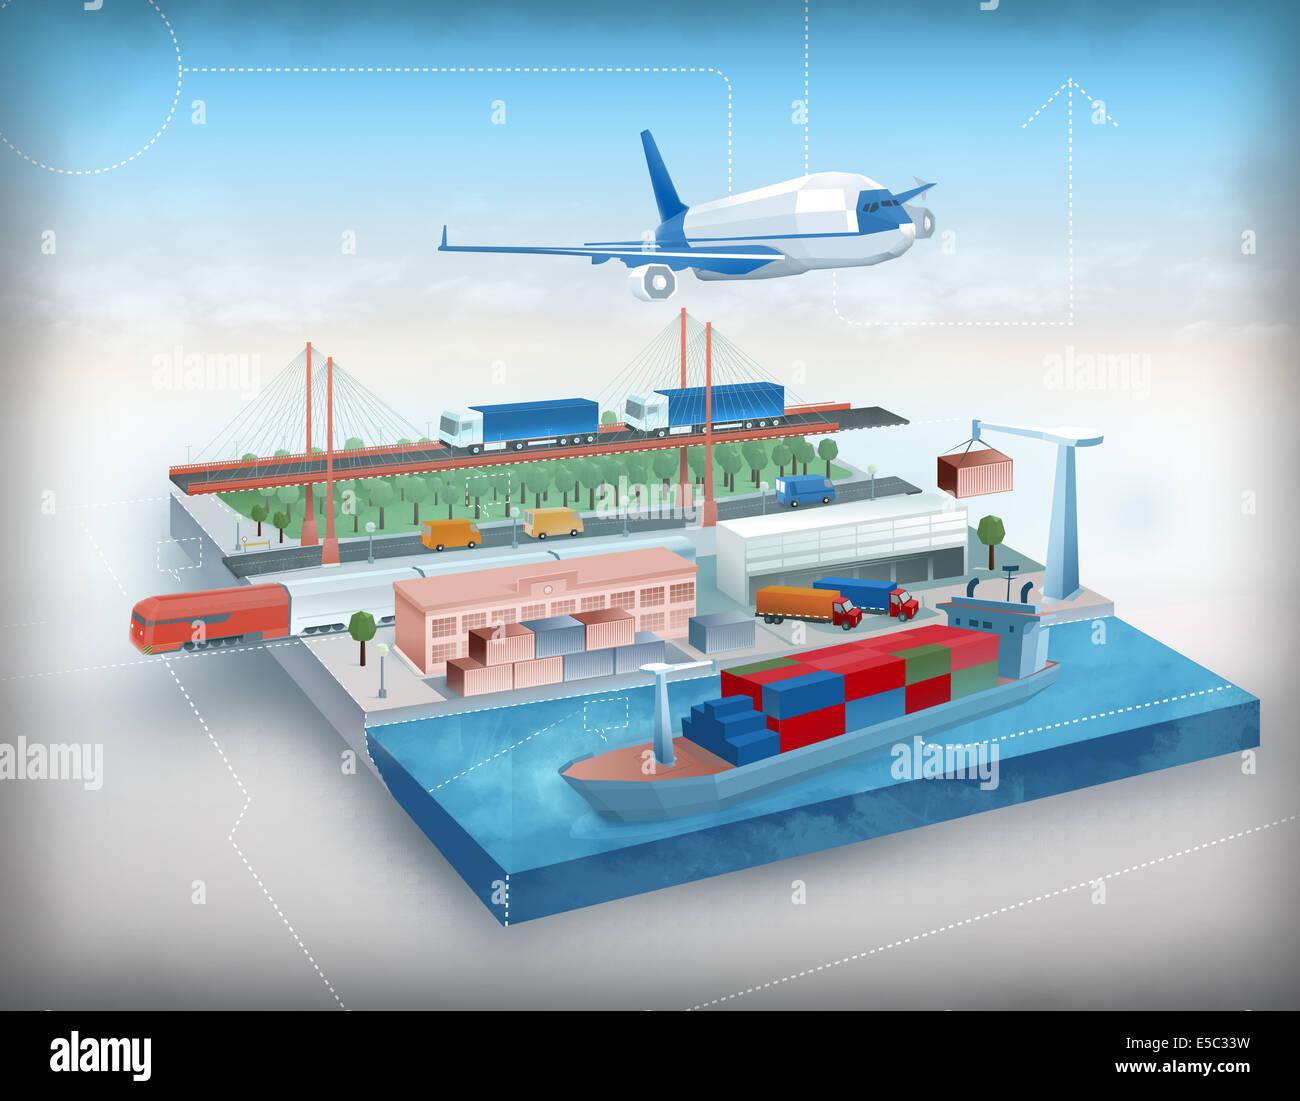 Illustrazione globale del concetto di viaggio Immagini Stock